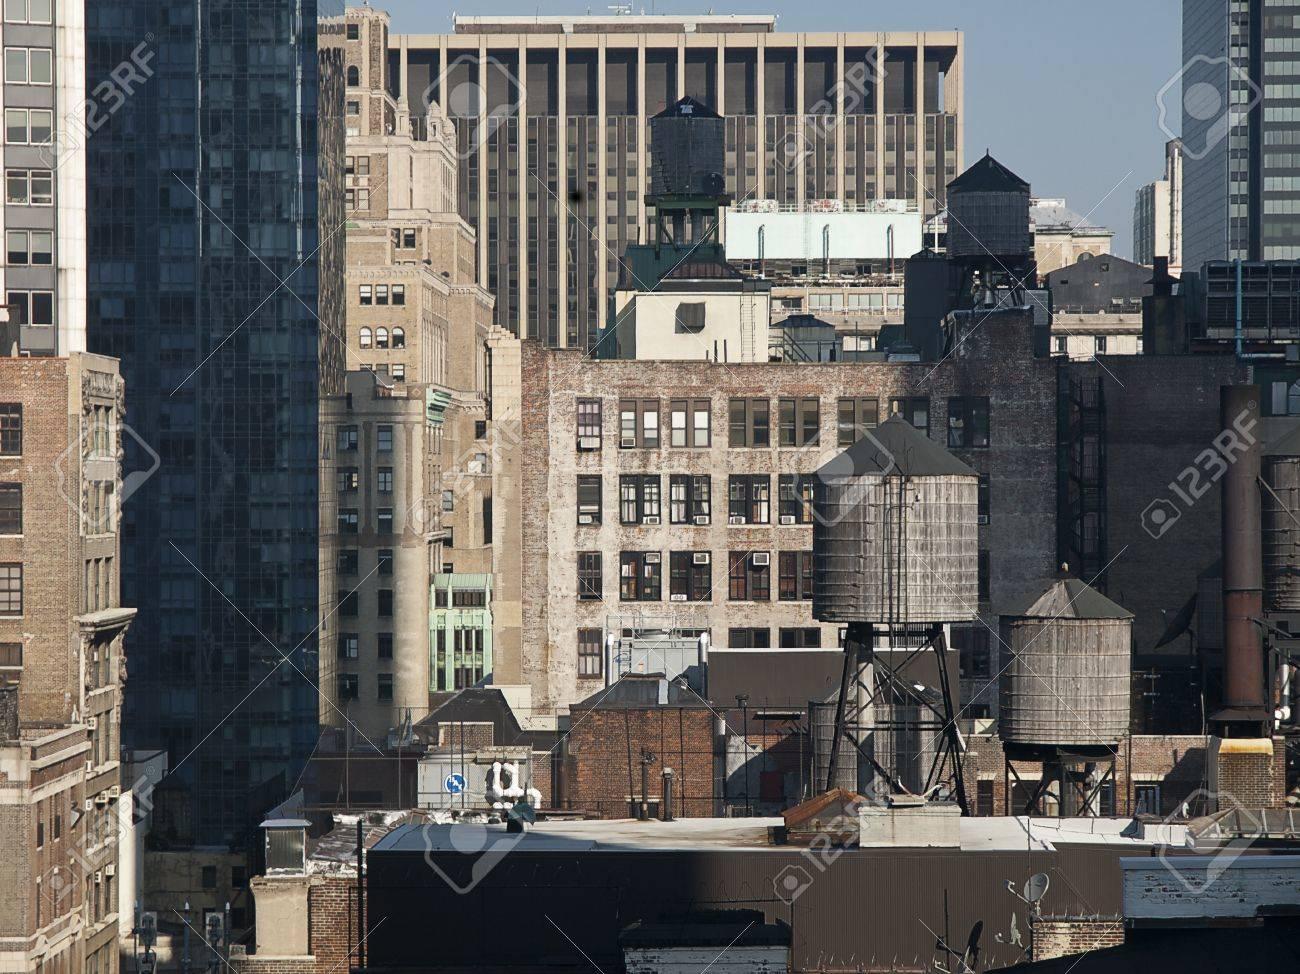 foto de archivo tanques de agua encima de edificios de nueva york